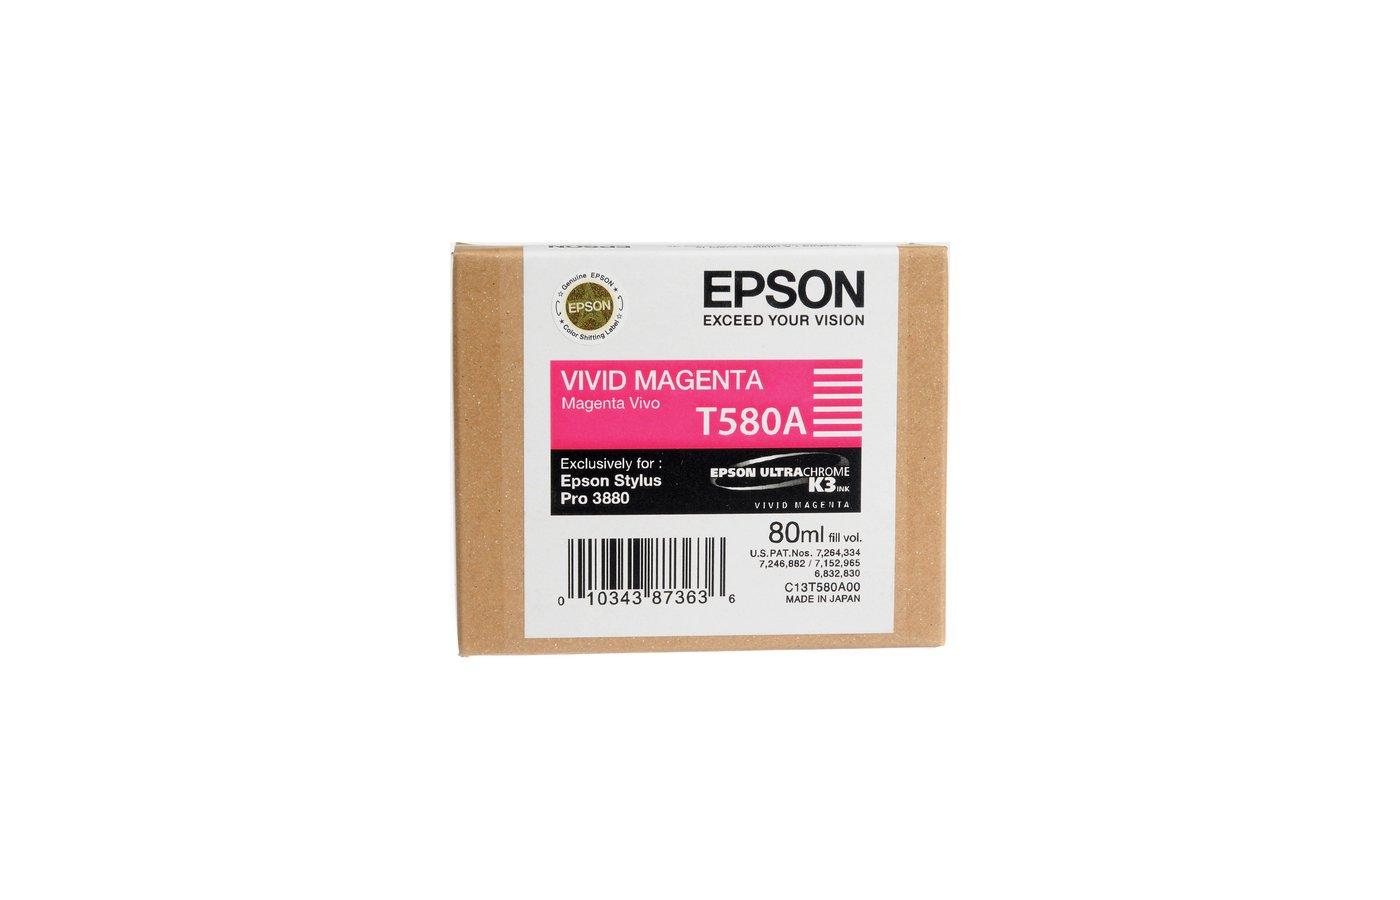 Картридж струйный Epson C13T580A00 картридж (Vivid Magenta для Stylus PRO 3800 (насыщенный пурпурный))